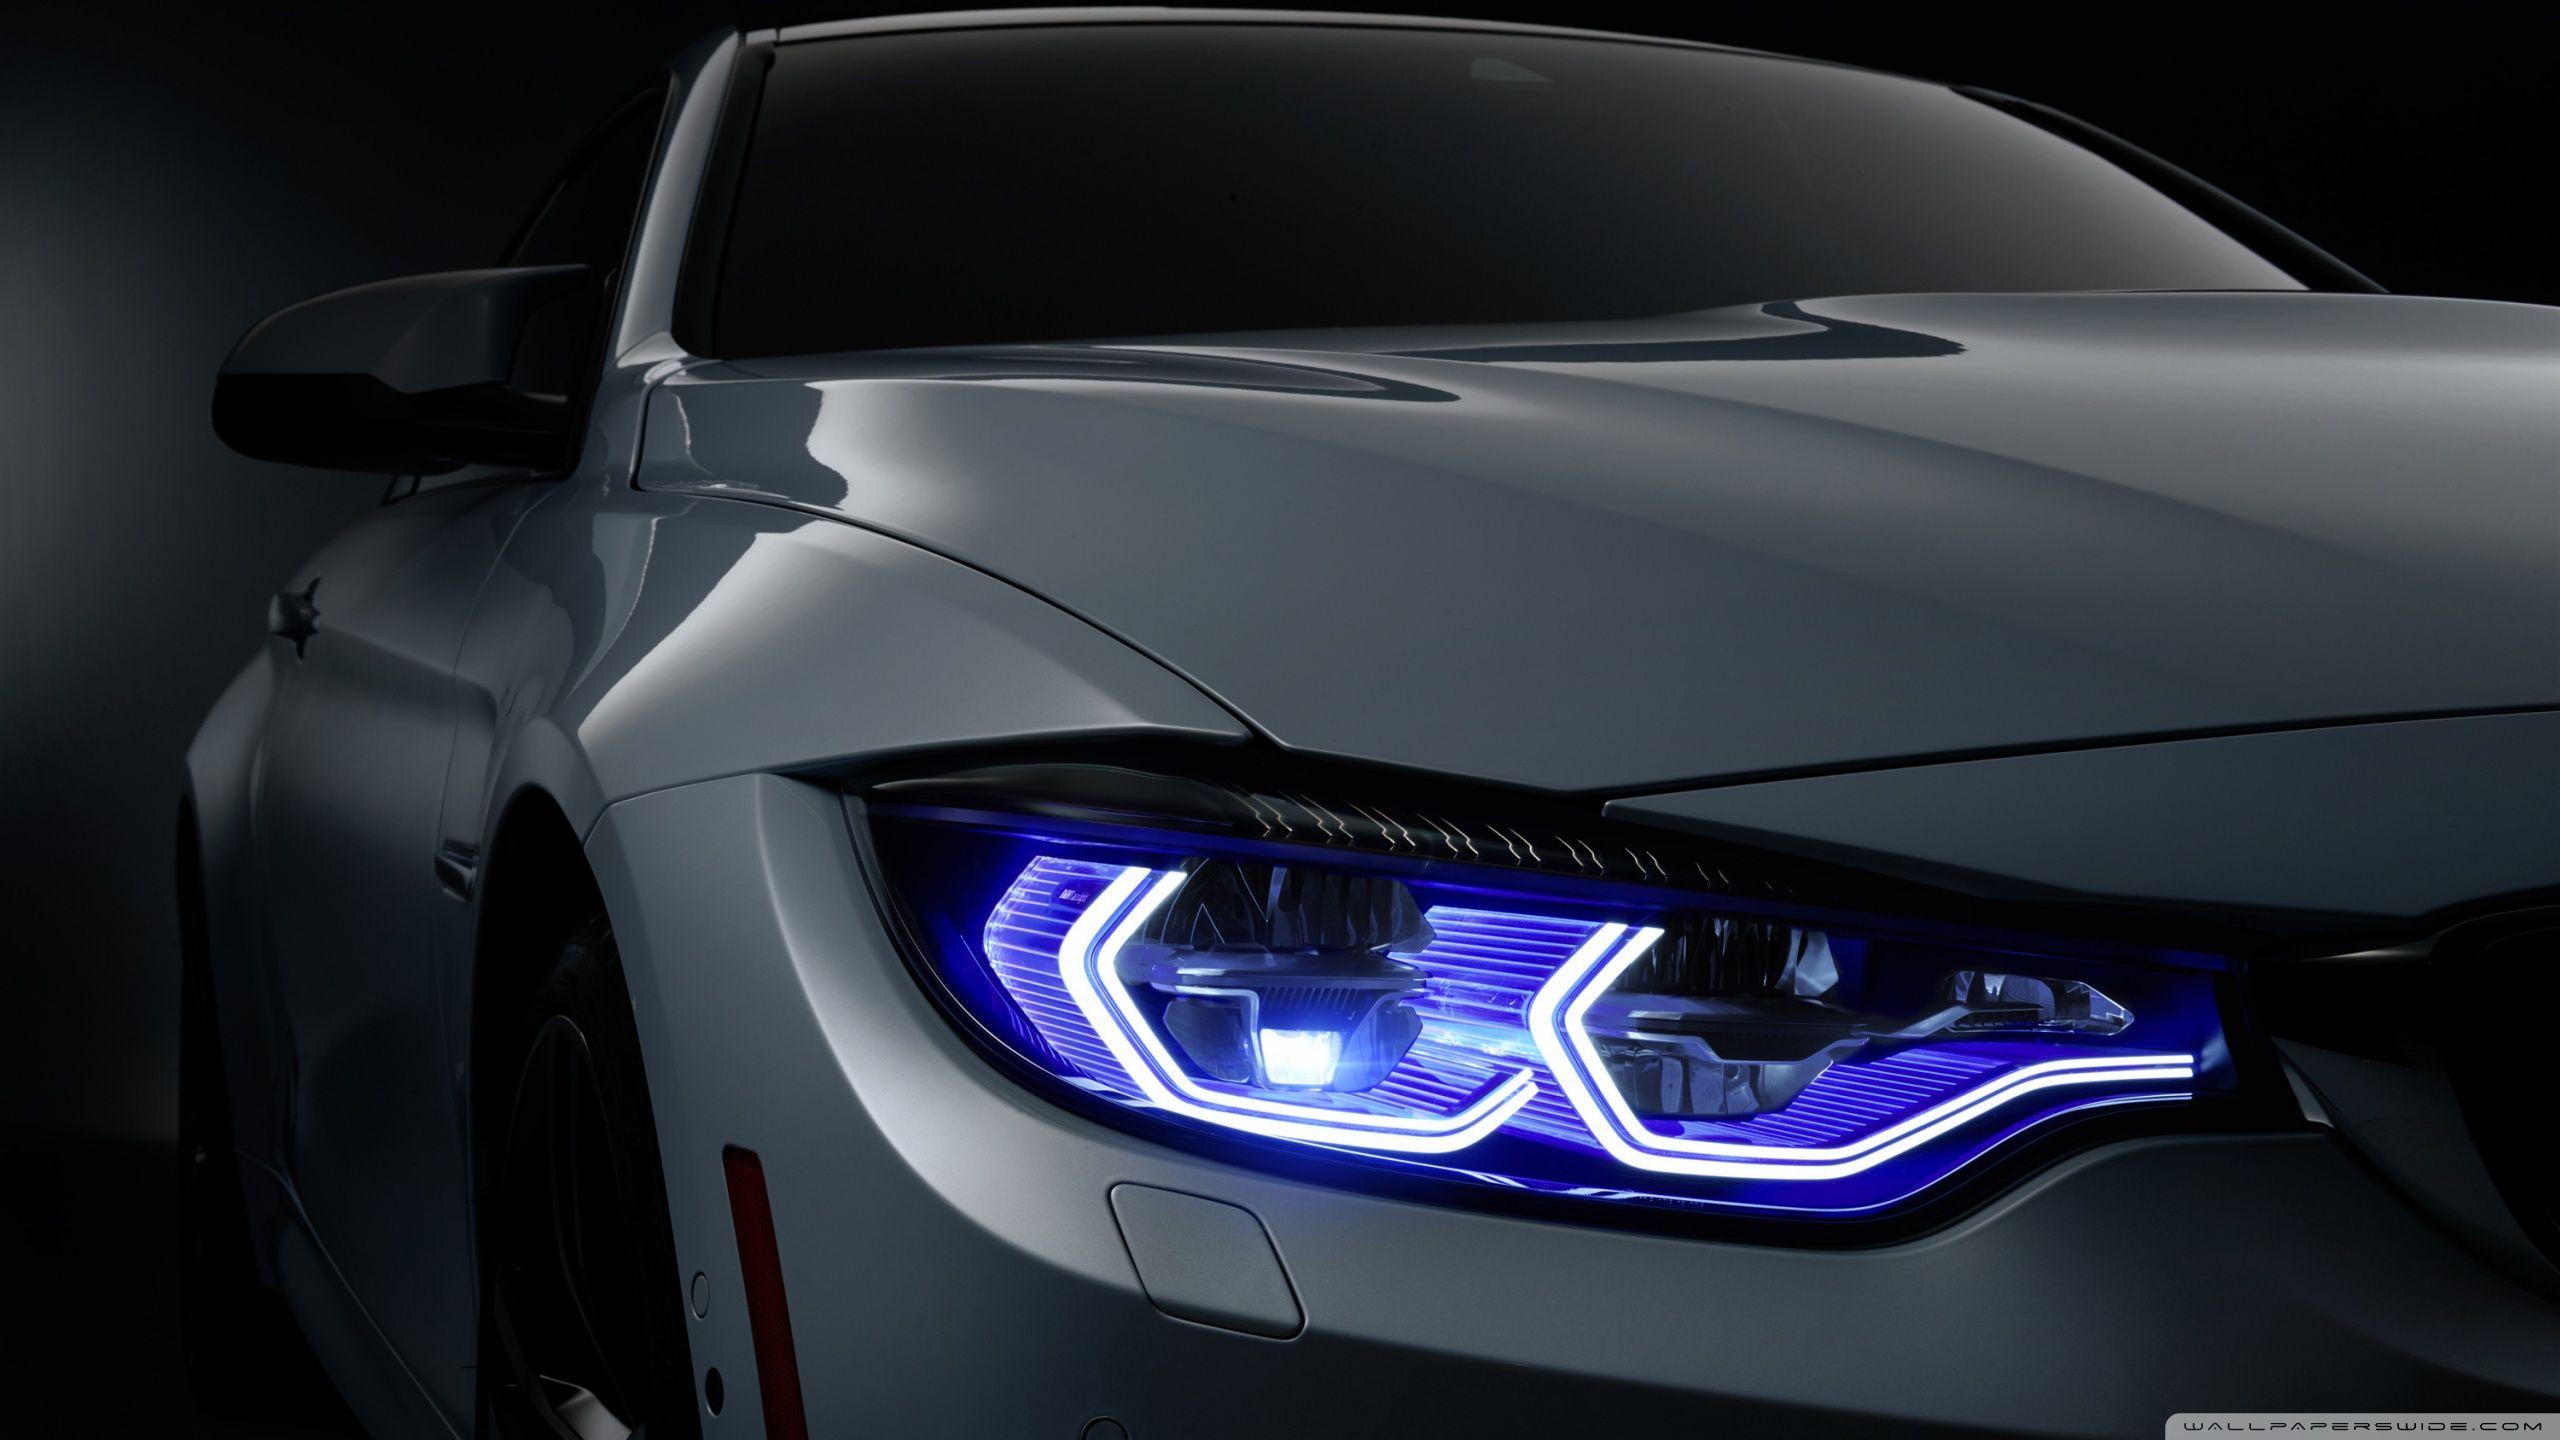 Bmw Series Lci I Sport Line Headlight Hd Wallpaper Bmw M4 Car Headlights 2015 Bmw M4